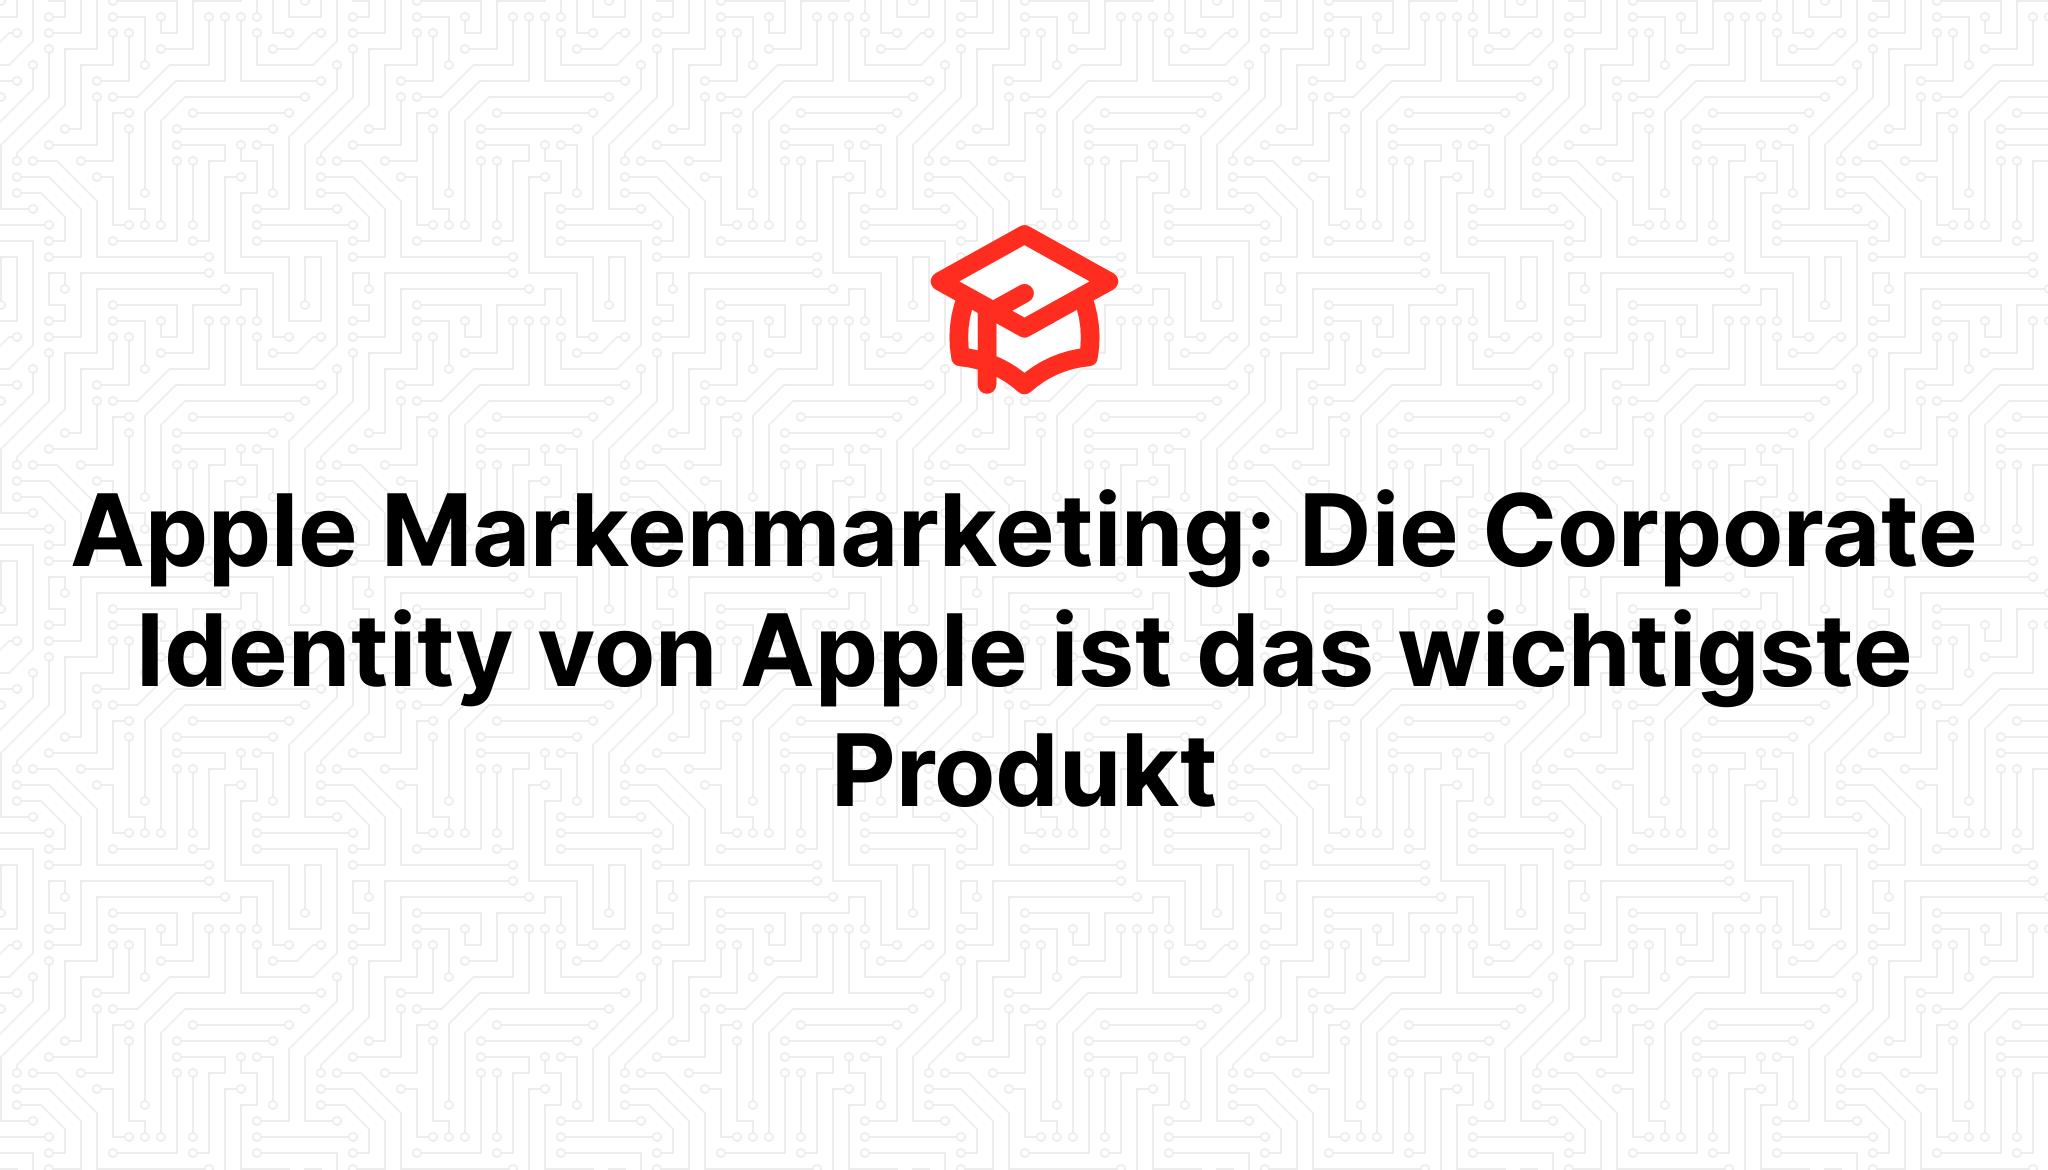 Apple Markenmarketing: Die Corporate Identity von Apple ist das wichtigste Produkt